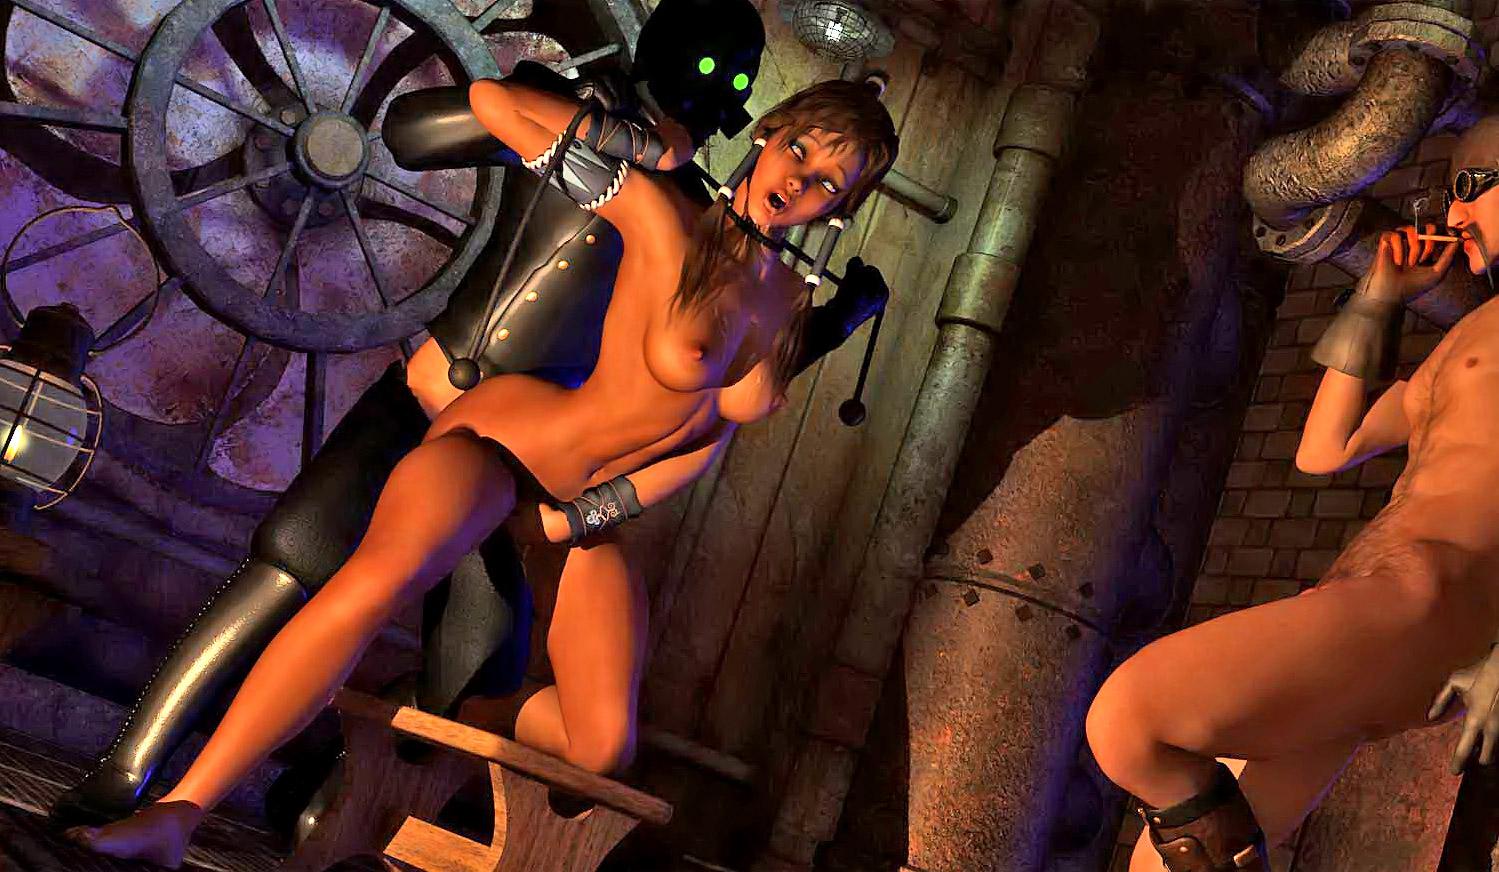 seks-igri-zombi